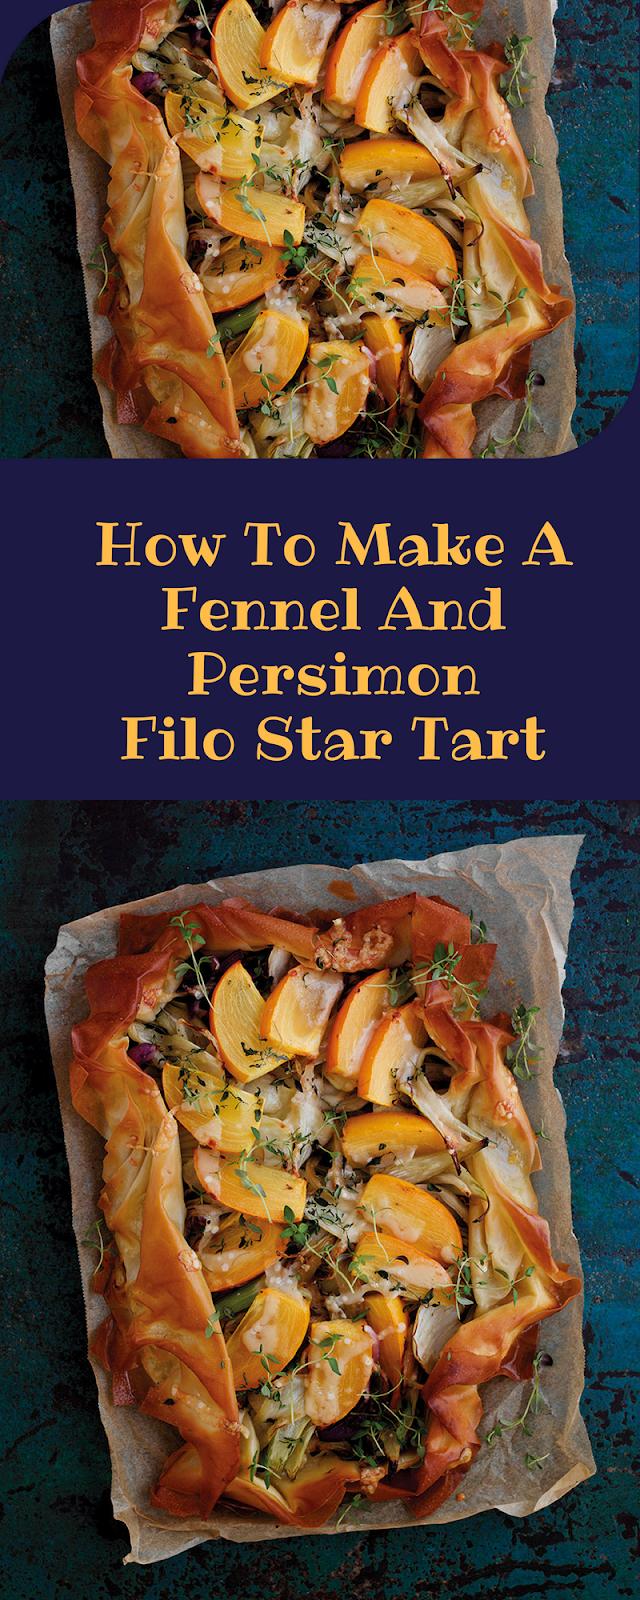 Fennel And Persimon Filo Star Tart